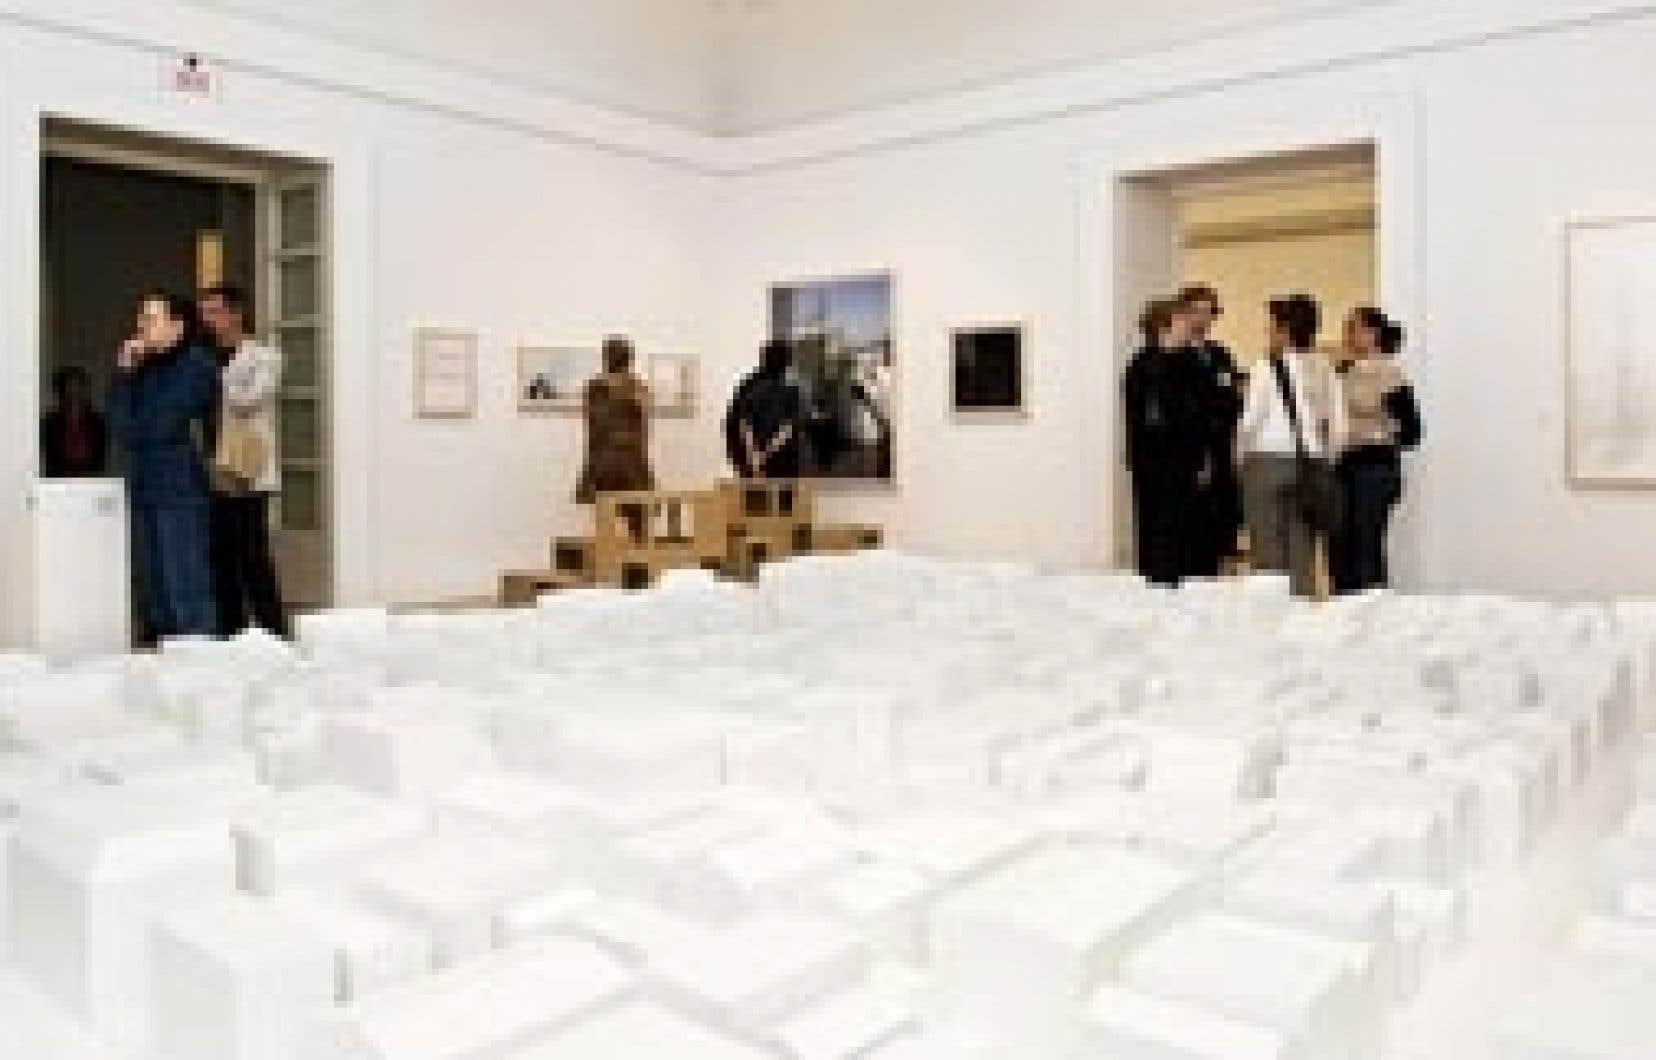 Vue de l'exposition consacrée en 2008 aux perspectives de vie à Londres et à Tokyo, imaginées par Stephen Taylor et Ryue Nishizawa.